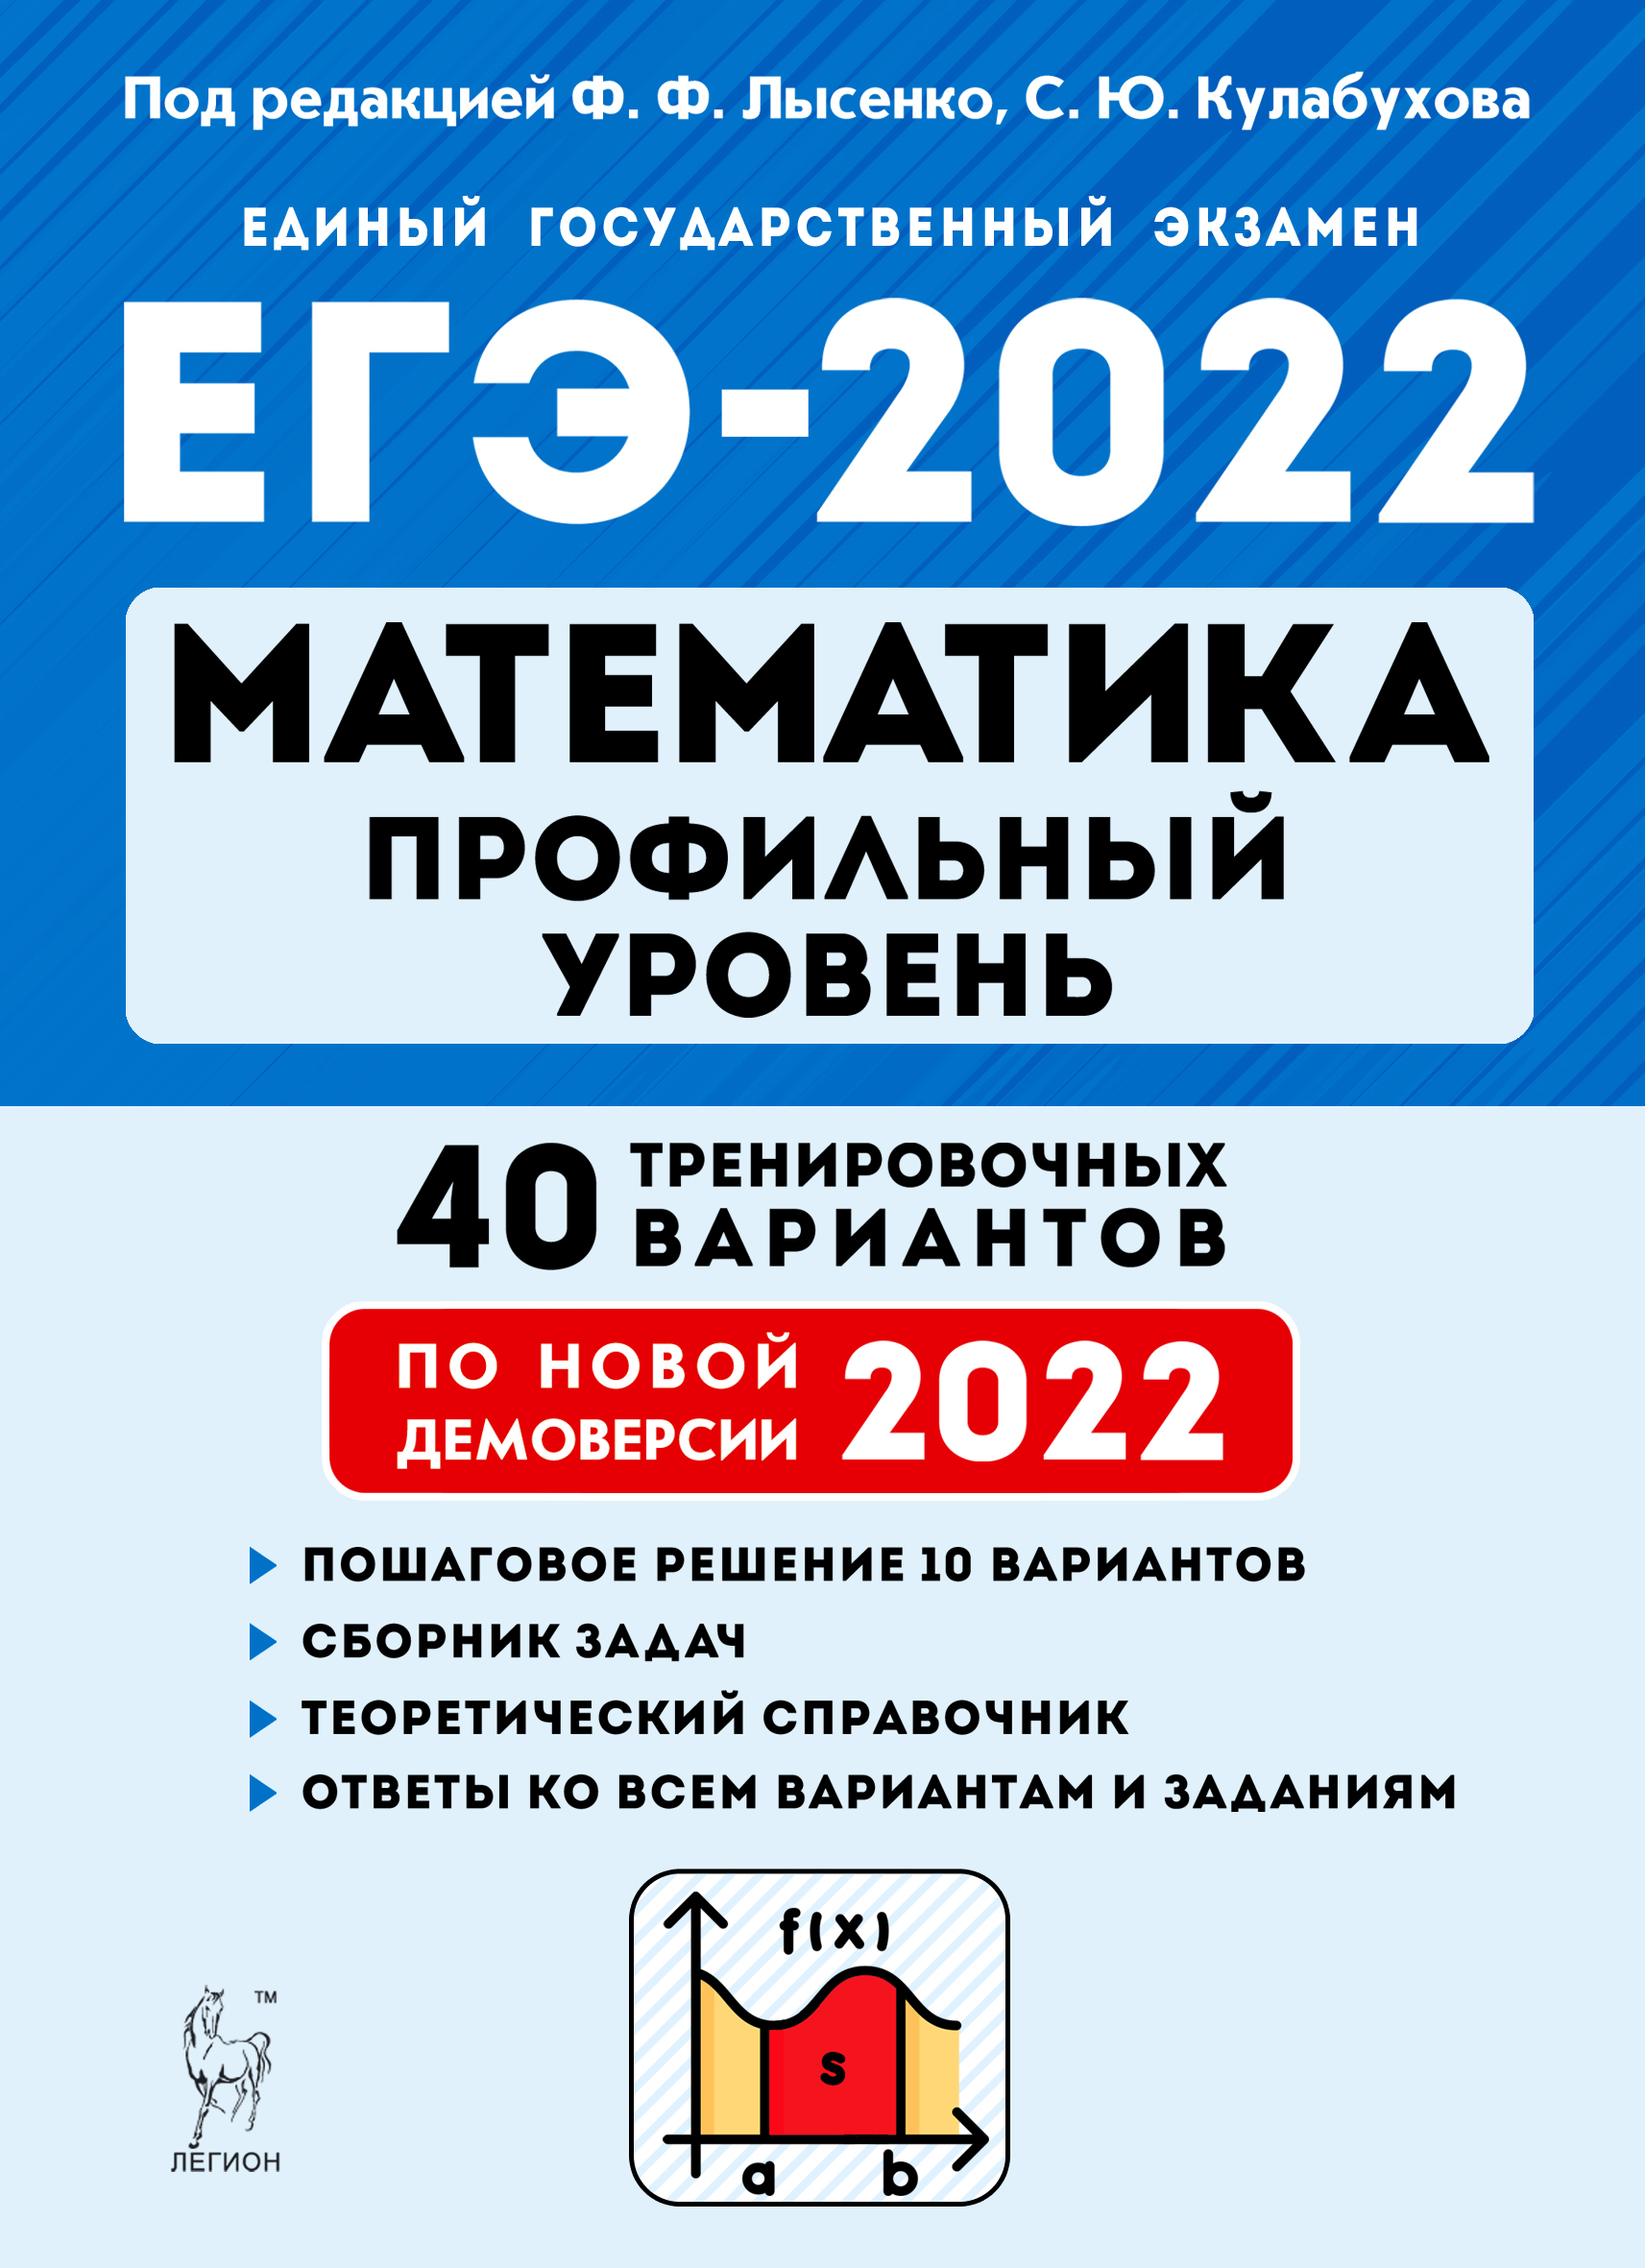 Под ред. Ф. Ф. Лысенко Математика. Подготовка к ЕГЭ-2022. Профильный уровень. 40 тренировочных вариантов по демоверсии 2022 года. НОВИНКА